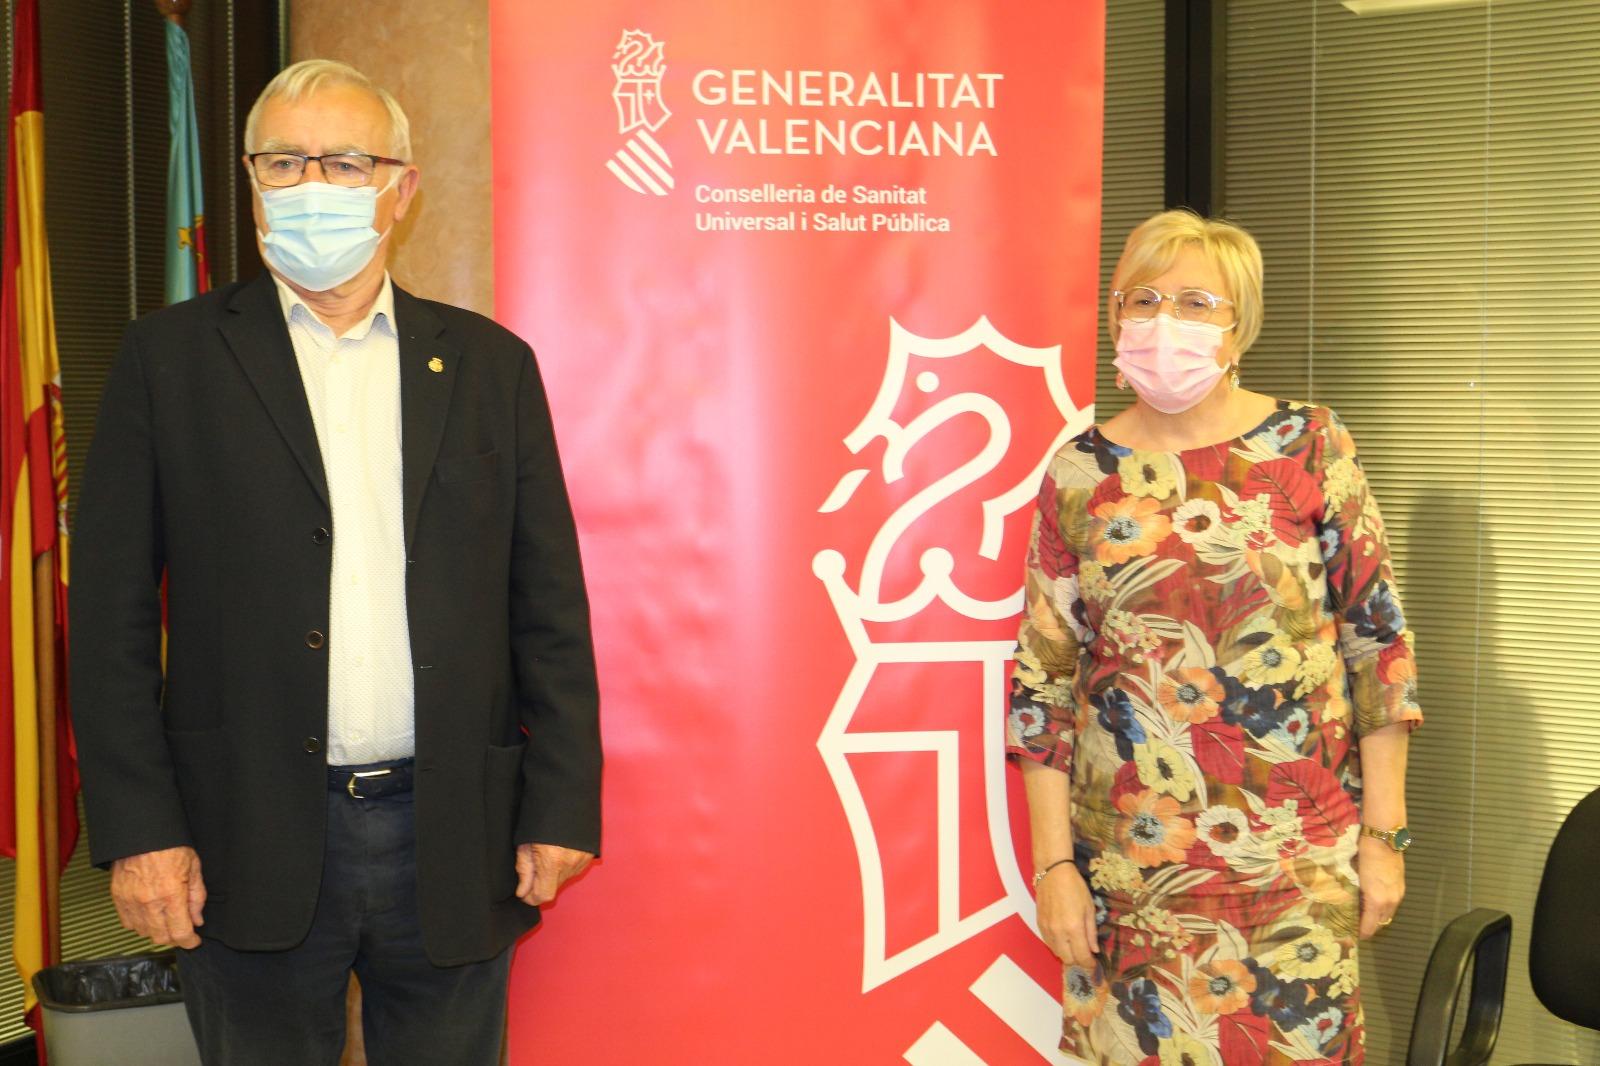 """Barceló: """"Esta reunión pone de manifiesto que la Conselleria y el Ayuntamiento trabajamos codo con codo para hacer frente a esta pandemia"""""""